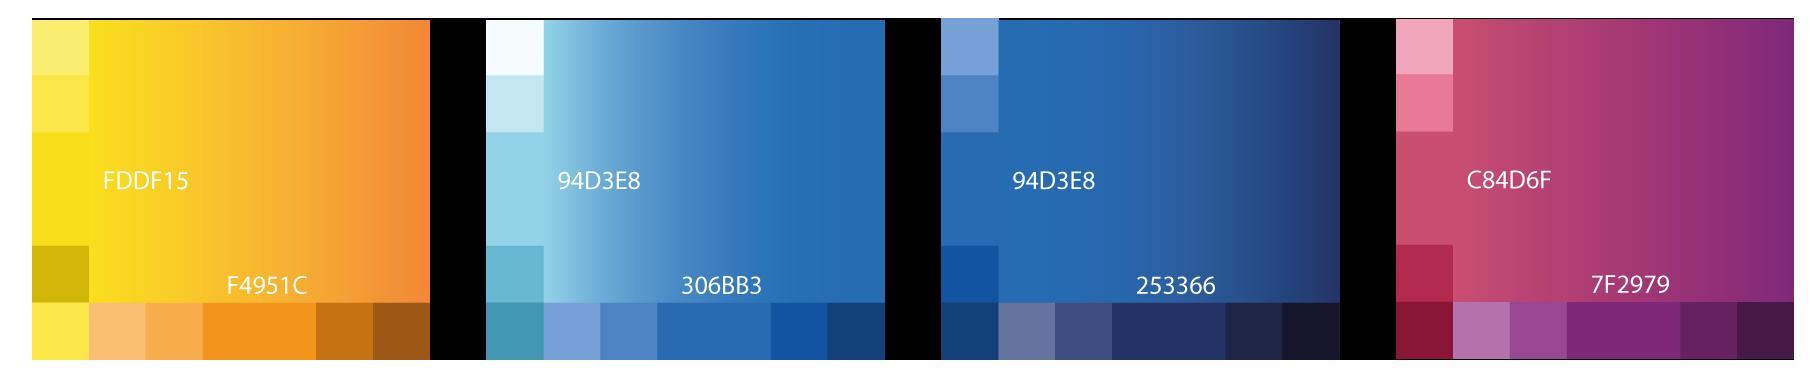 Palette de couleurs utilisées pour le logo